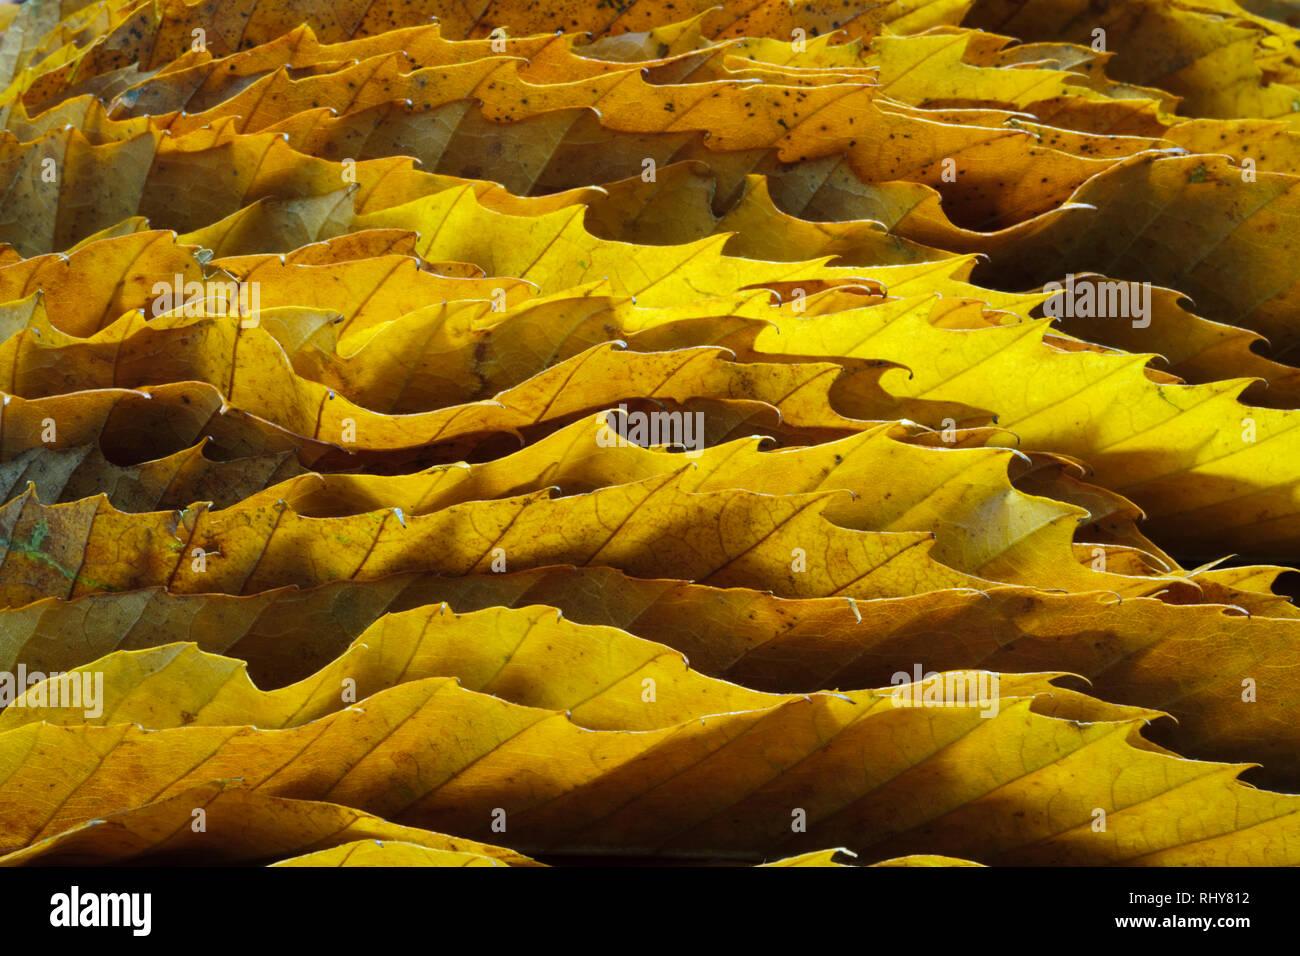 Bords dentelés de feuilles de châtaignier montrant les crochets et les veines. Les feuilles d'automne empilés sur le bord et de rétroéclairage. Photo Stock